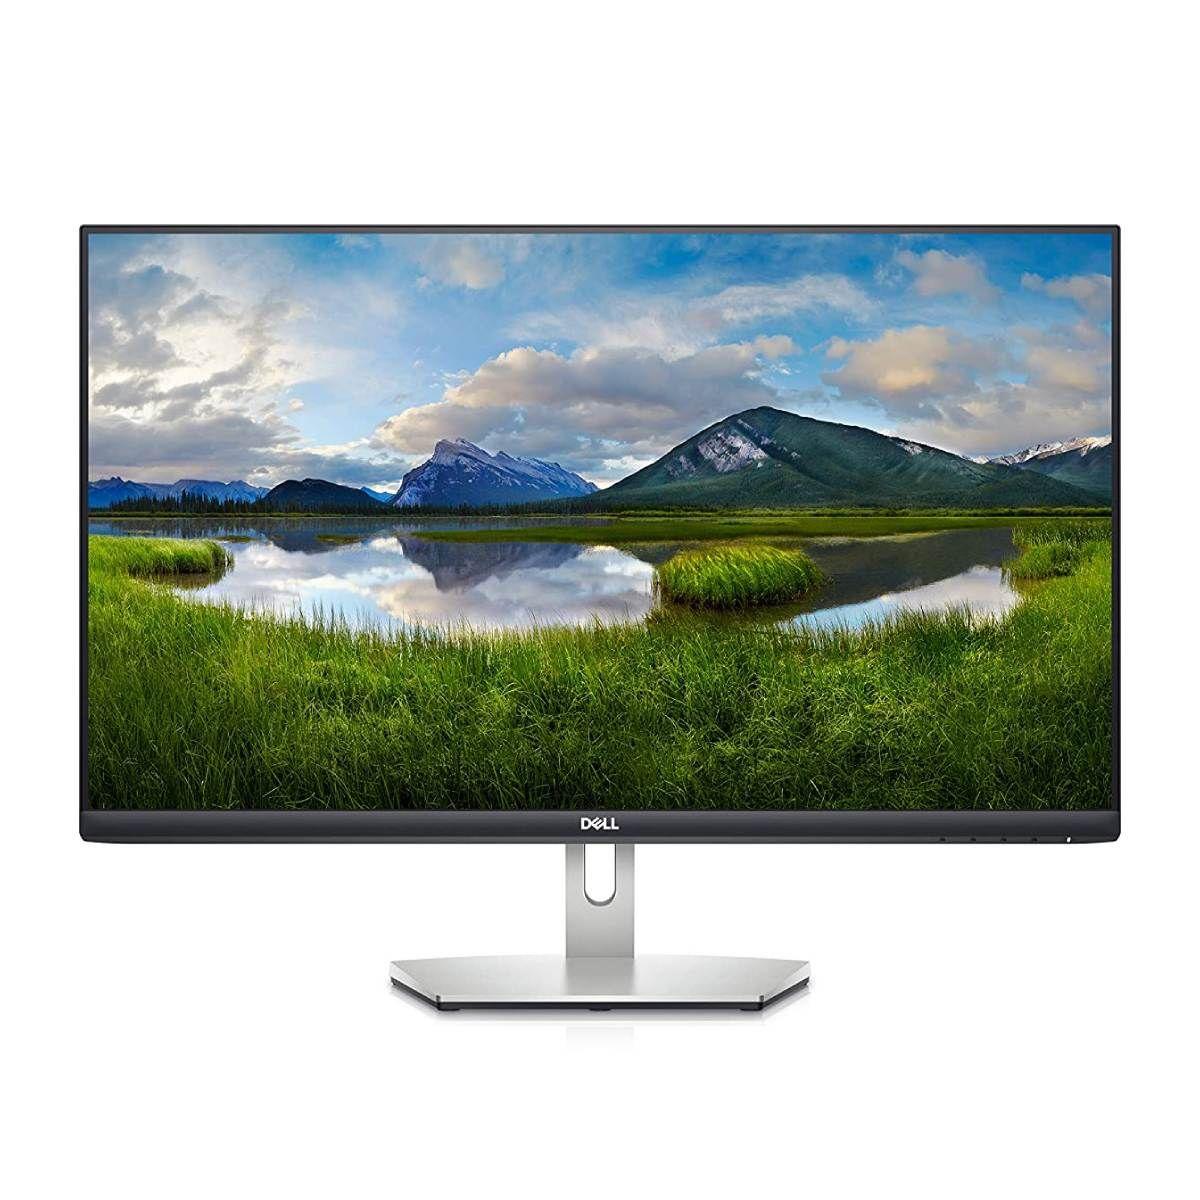 ڈیل S2721HN 27-Inch 75Hz monitor